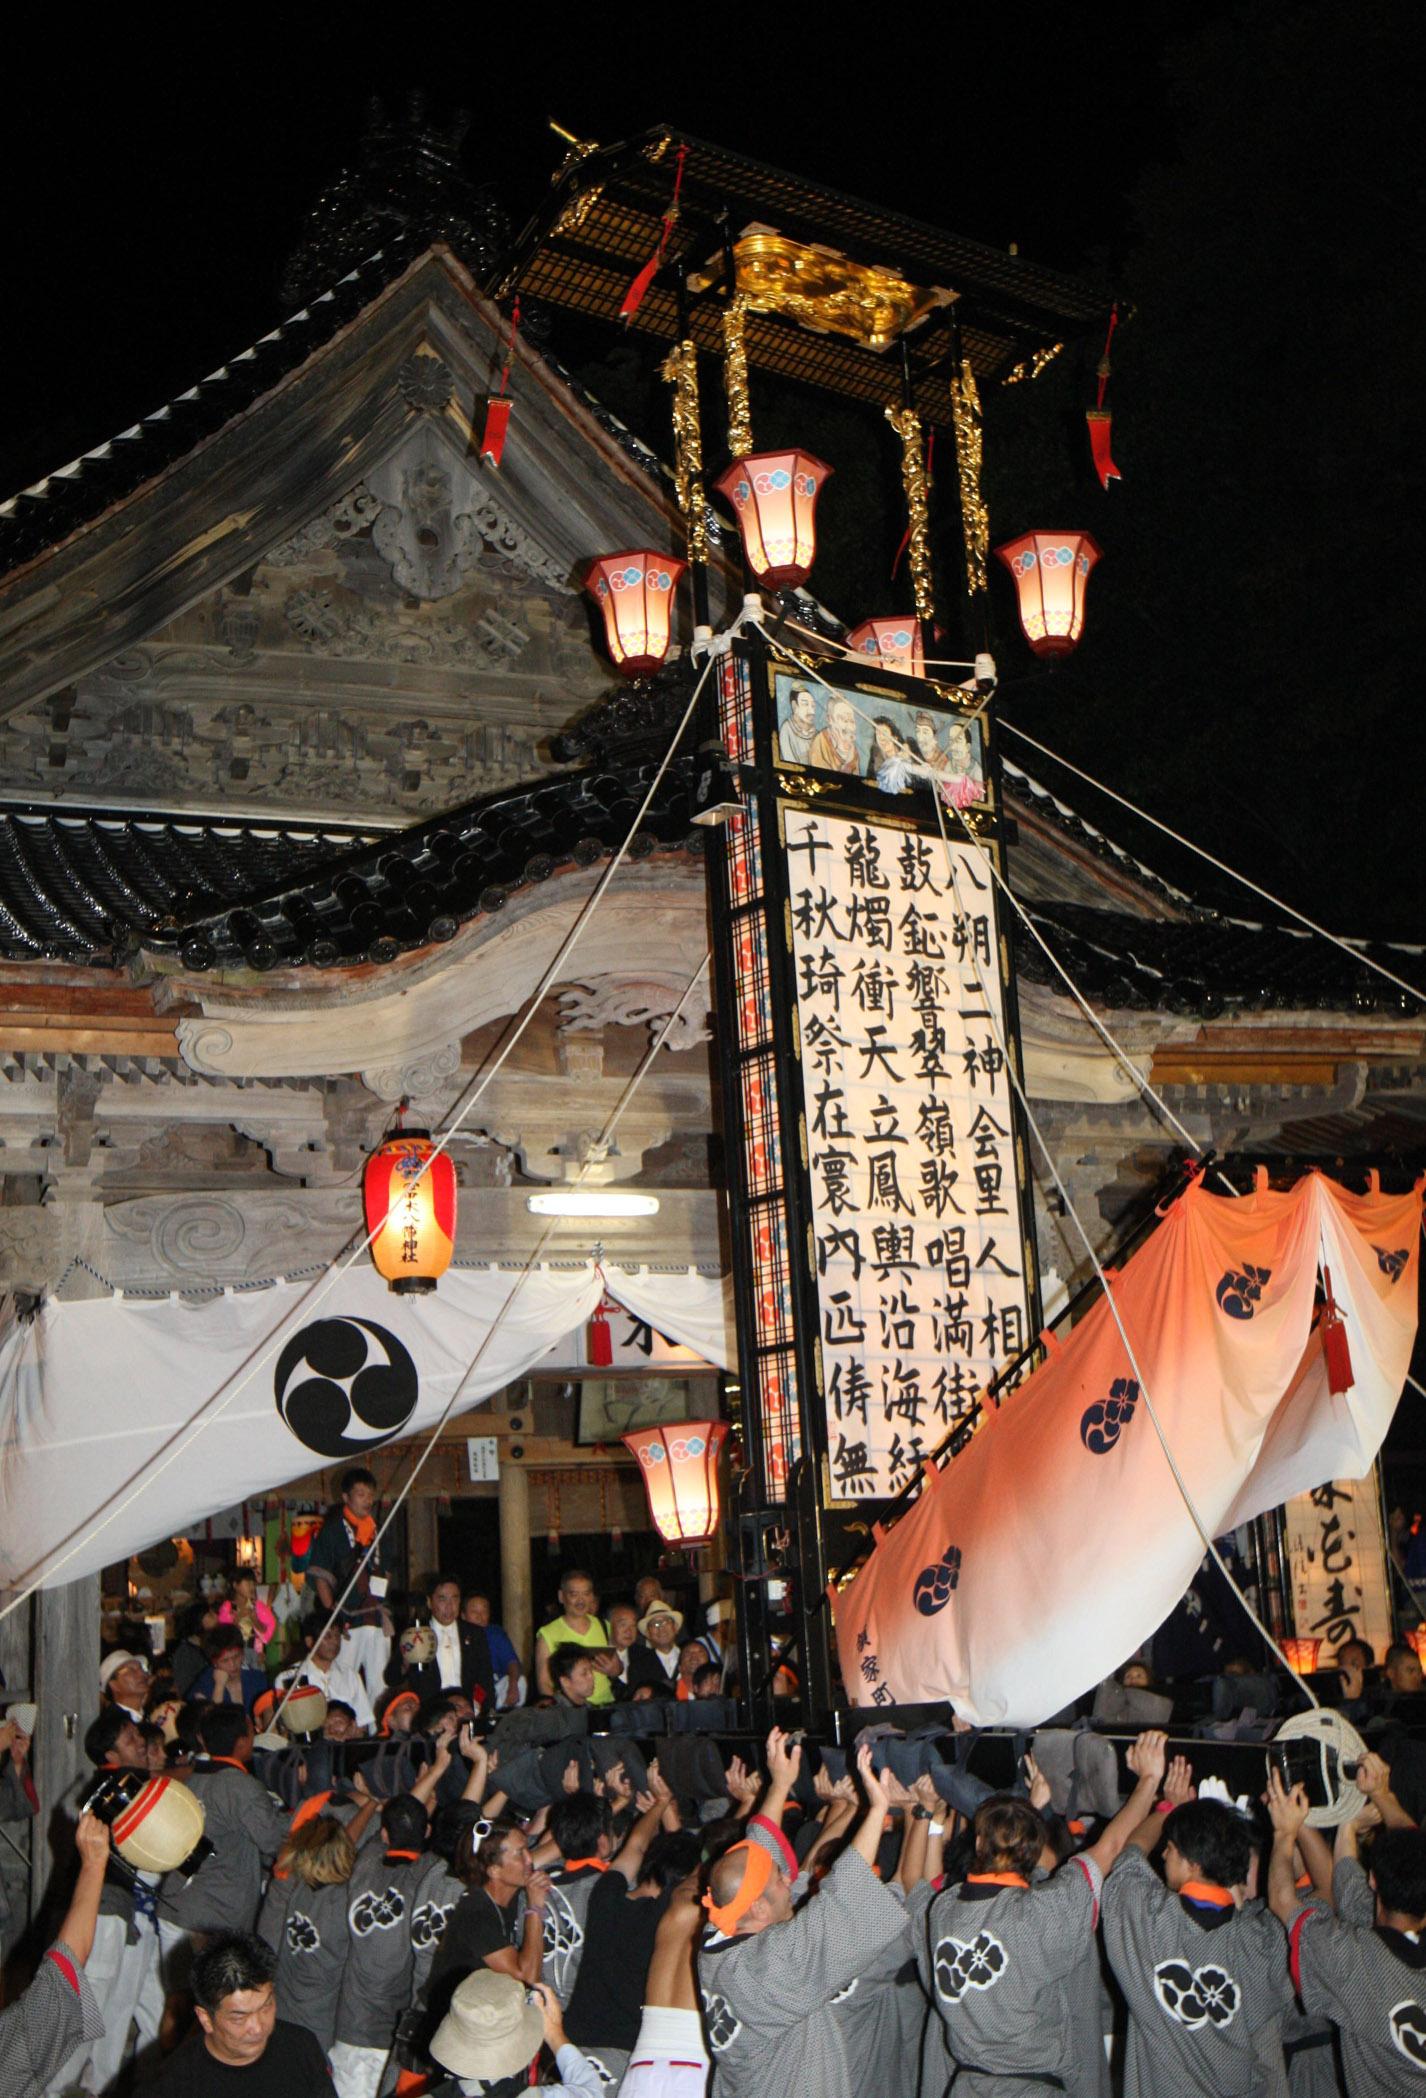 勇ましく舞うキリコ=29日午後7時50分、志賀町八幡の冨木八幡神社